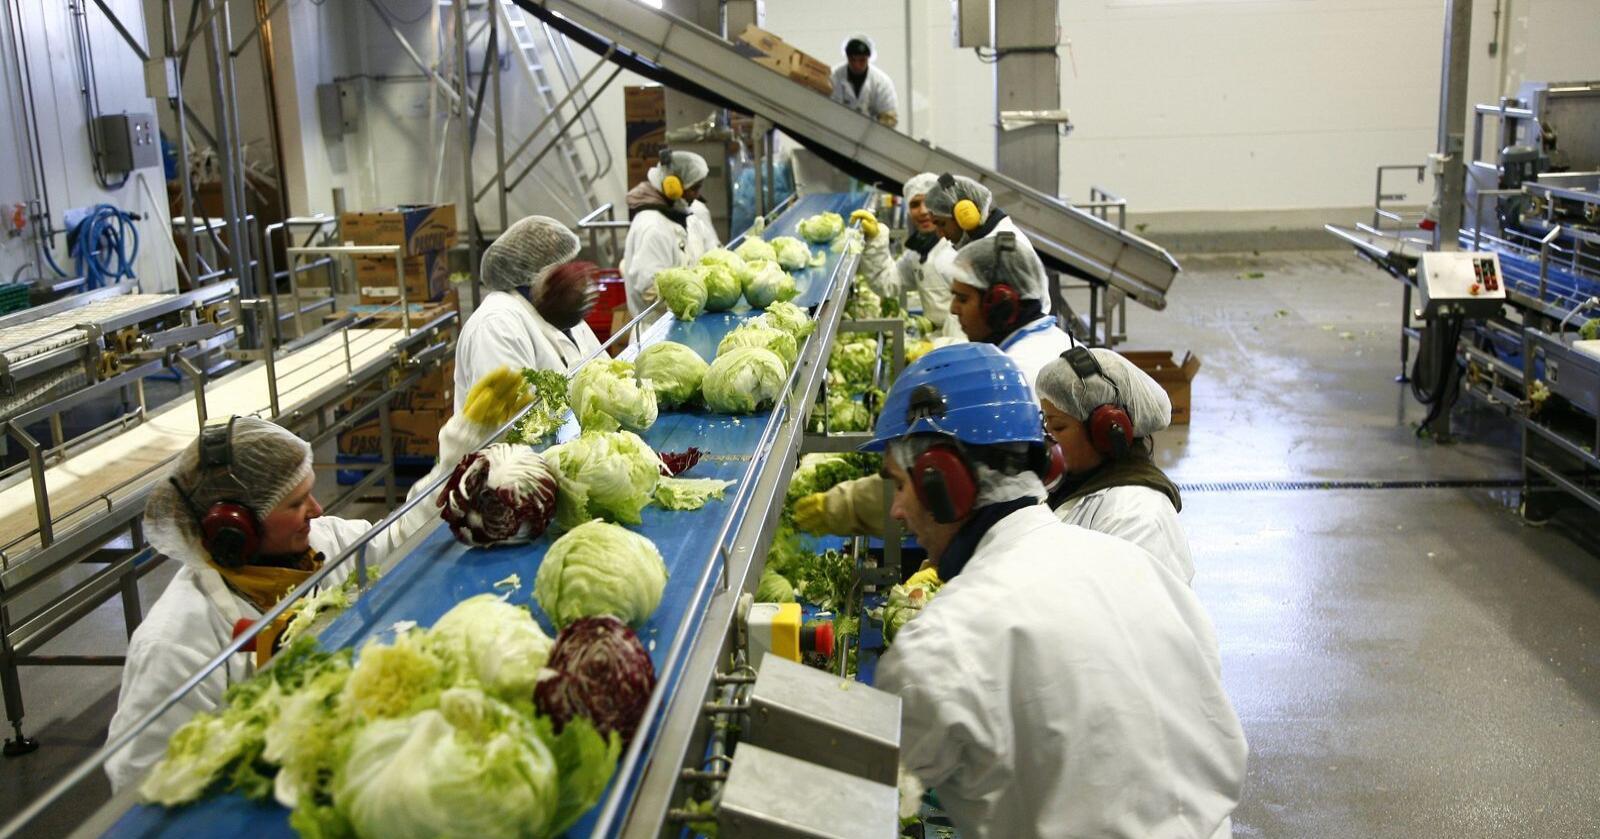 Bilde fra produksjonsanlegget ved Bamas salatfabrikk i Lier. Foto: Bama